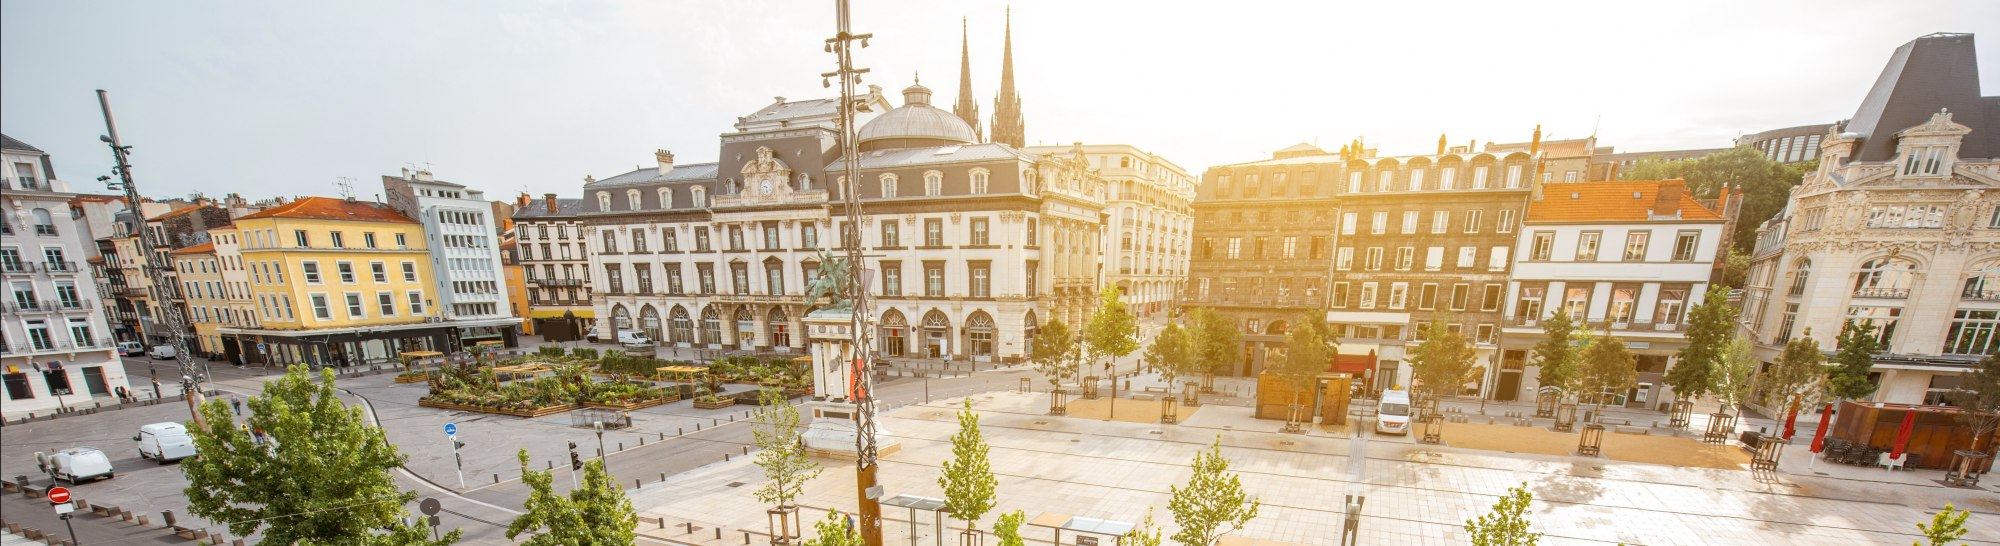 Visuel de Clermont-Ferrand